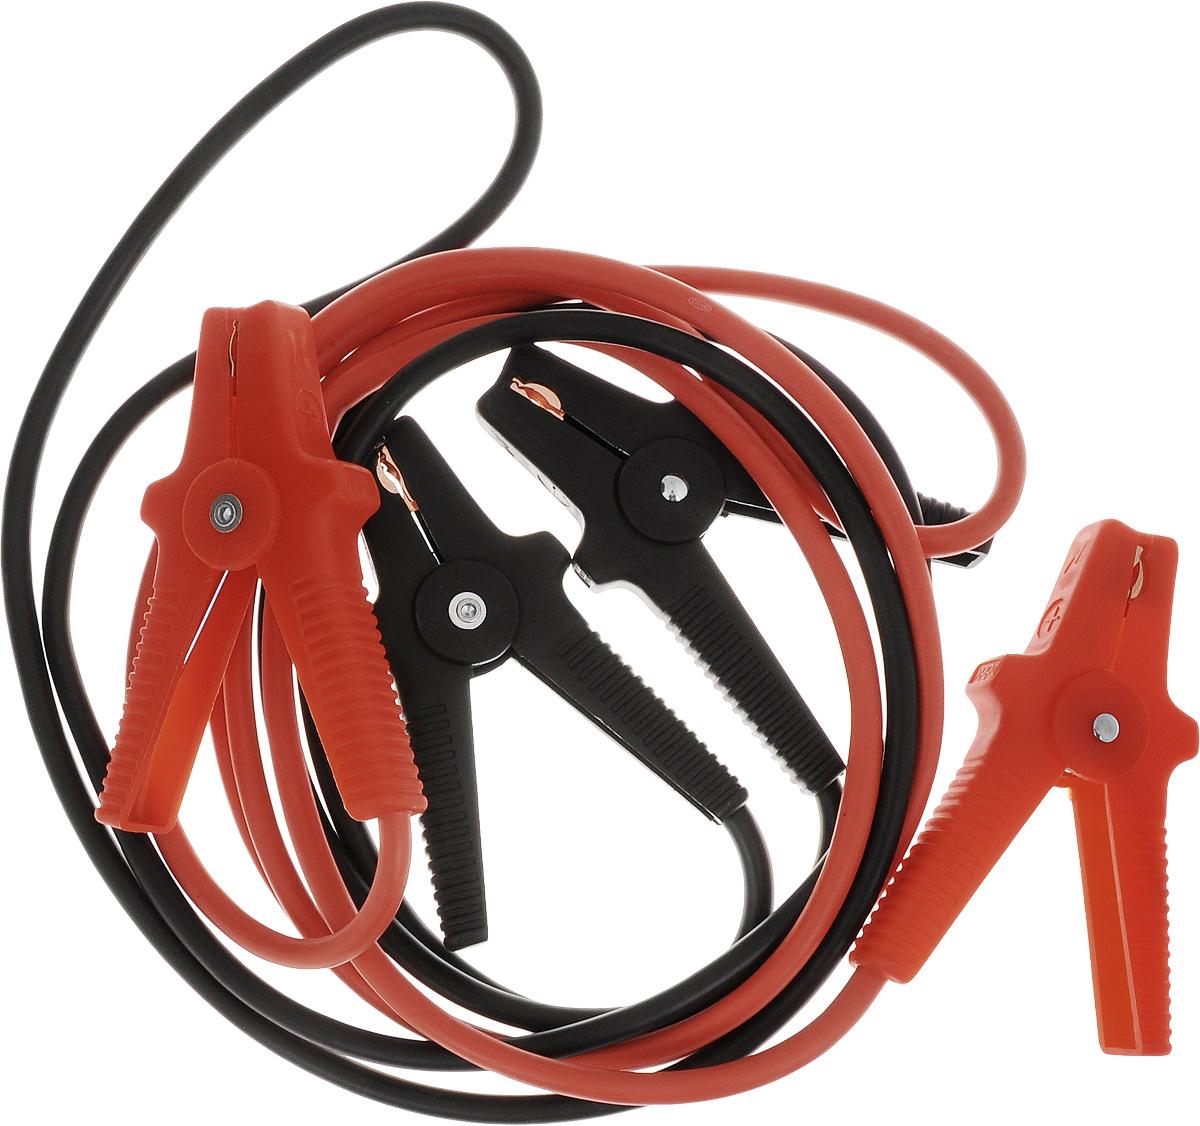 Старт-кабель Alca, CCA 400 А, длина 3 м22125Старт-кабель Alca выполнены из алюминия с медным покрытием. Зажимы полностью изолированы. Руководство по эксплуатации: Присоединение.Кабель с красными зажимами присоединить к плюсовой клемме разряженного аккумулятора, затем присоединить к плюсовой клемме аккумулятора, от которого производится пуск. Кабель с черными зажимами подключить к минусовой клемме аккумулятора, от которой производится пуск и к массе автомобиля с разряженной батареей, например к кабелю массы либо к не изолированной точке моторного блока, причем на максимальном удалении от аккумулятора, которым производится пуск для избежания возможного возгорания образующегося разрядного газа.Пуск.После присоединения проводов стартер-кабеля запустить двигатель автомобиля, от которого производится пуск, и установить средние обороты. Запустить двигатель автомобиля с разряженным аккумулятором. После каждой попытки запуска двигателя, длительность которого не должна превышать 15 секунд, необходима пауза около 1 минуты. После успешного запуска двигателя продолжить 2-3 минуты до устойчивой работы.Отсоединение:Отсоединение производиться в обратном от присоединения порядке. Сначала отсоединяется черный зажим от кабеля массы либо моторного блока автомобиля с разряженным аккумулятором. Затем отключить оба красных зажимав произвольном порядке. При отсоединении проводов стартер-кабеля обращать внимание на исключение контакта стартер-кабеля с возвращающимся частями двигателя.Выдерживает температуру от +150°С до -50°С.В комплект входит сумка.